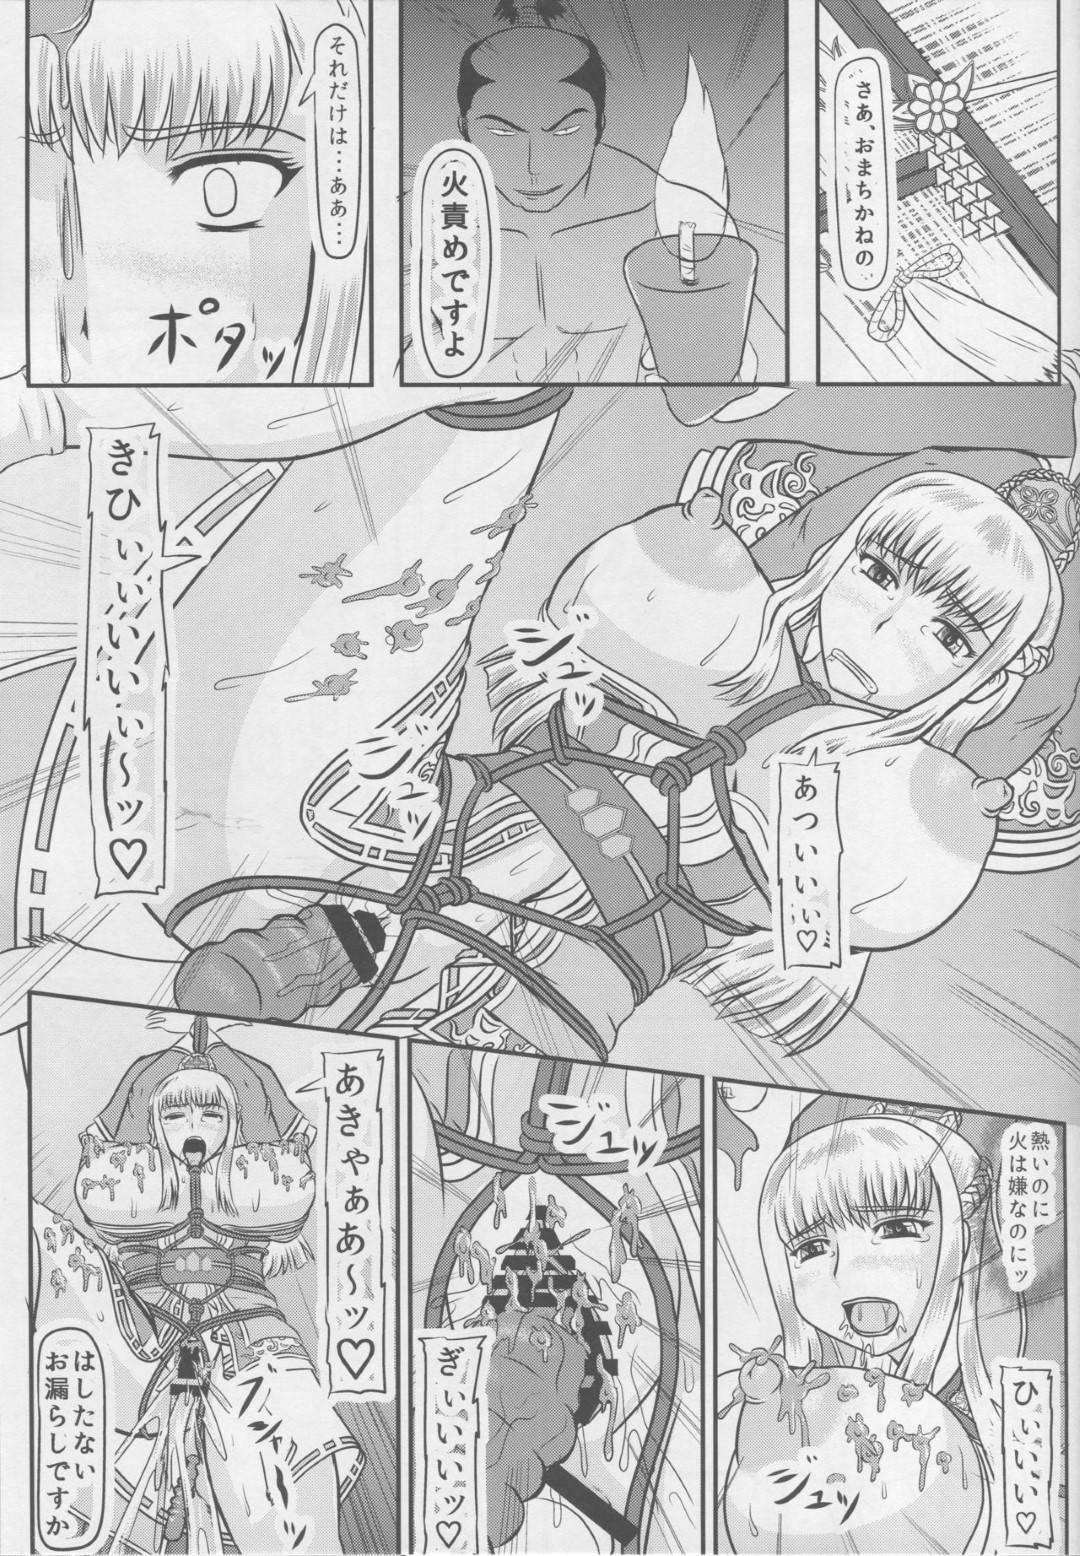 【エロ漫画】城の茶々姫が捕らえられて亀甲縛りで拘束されてしまう。膣に火のついた蝋燭を挿入され失禁する。そして蝋を身体に垂らされながらバックでレイプされ、肉便器と化して家来たちに輪姦される!